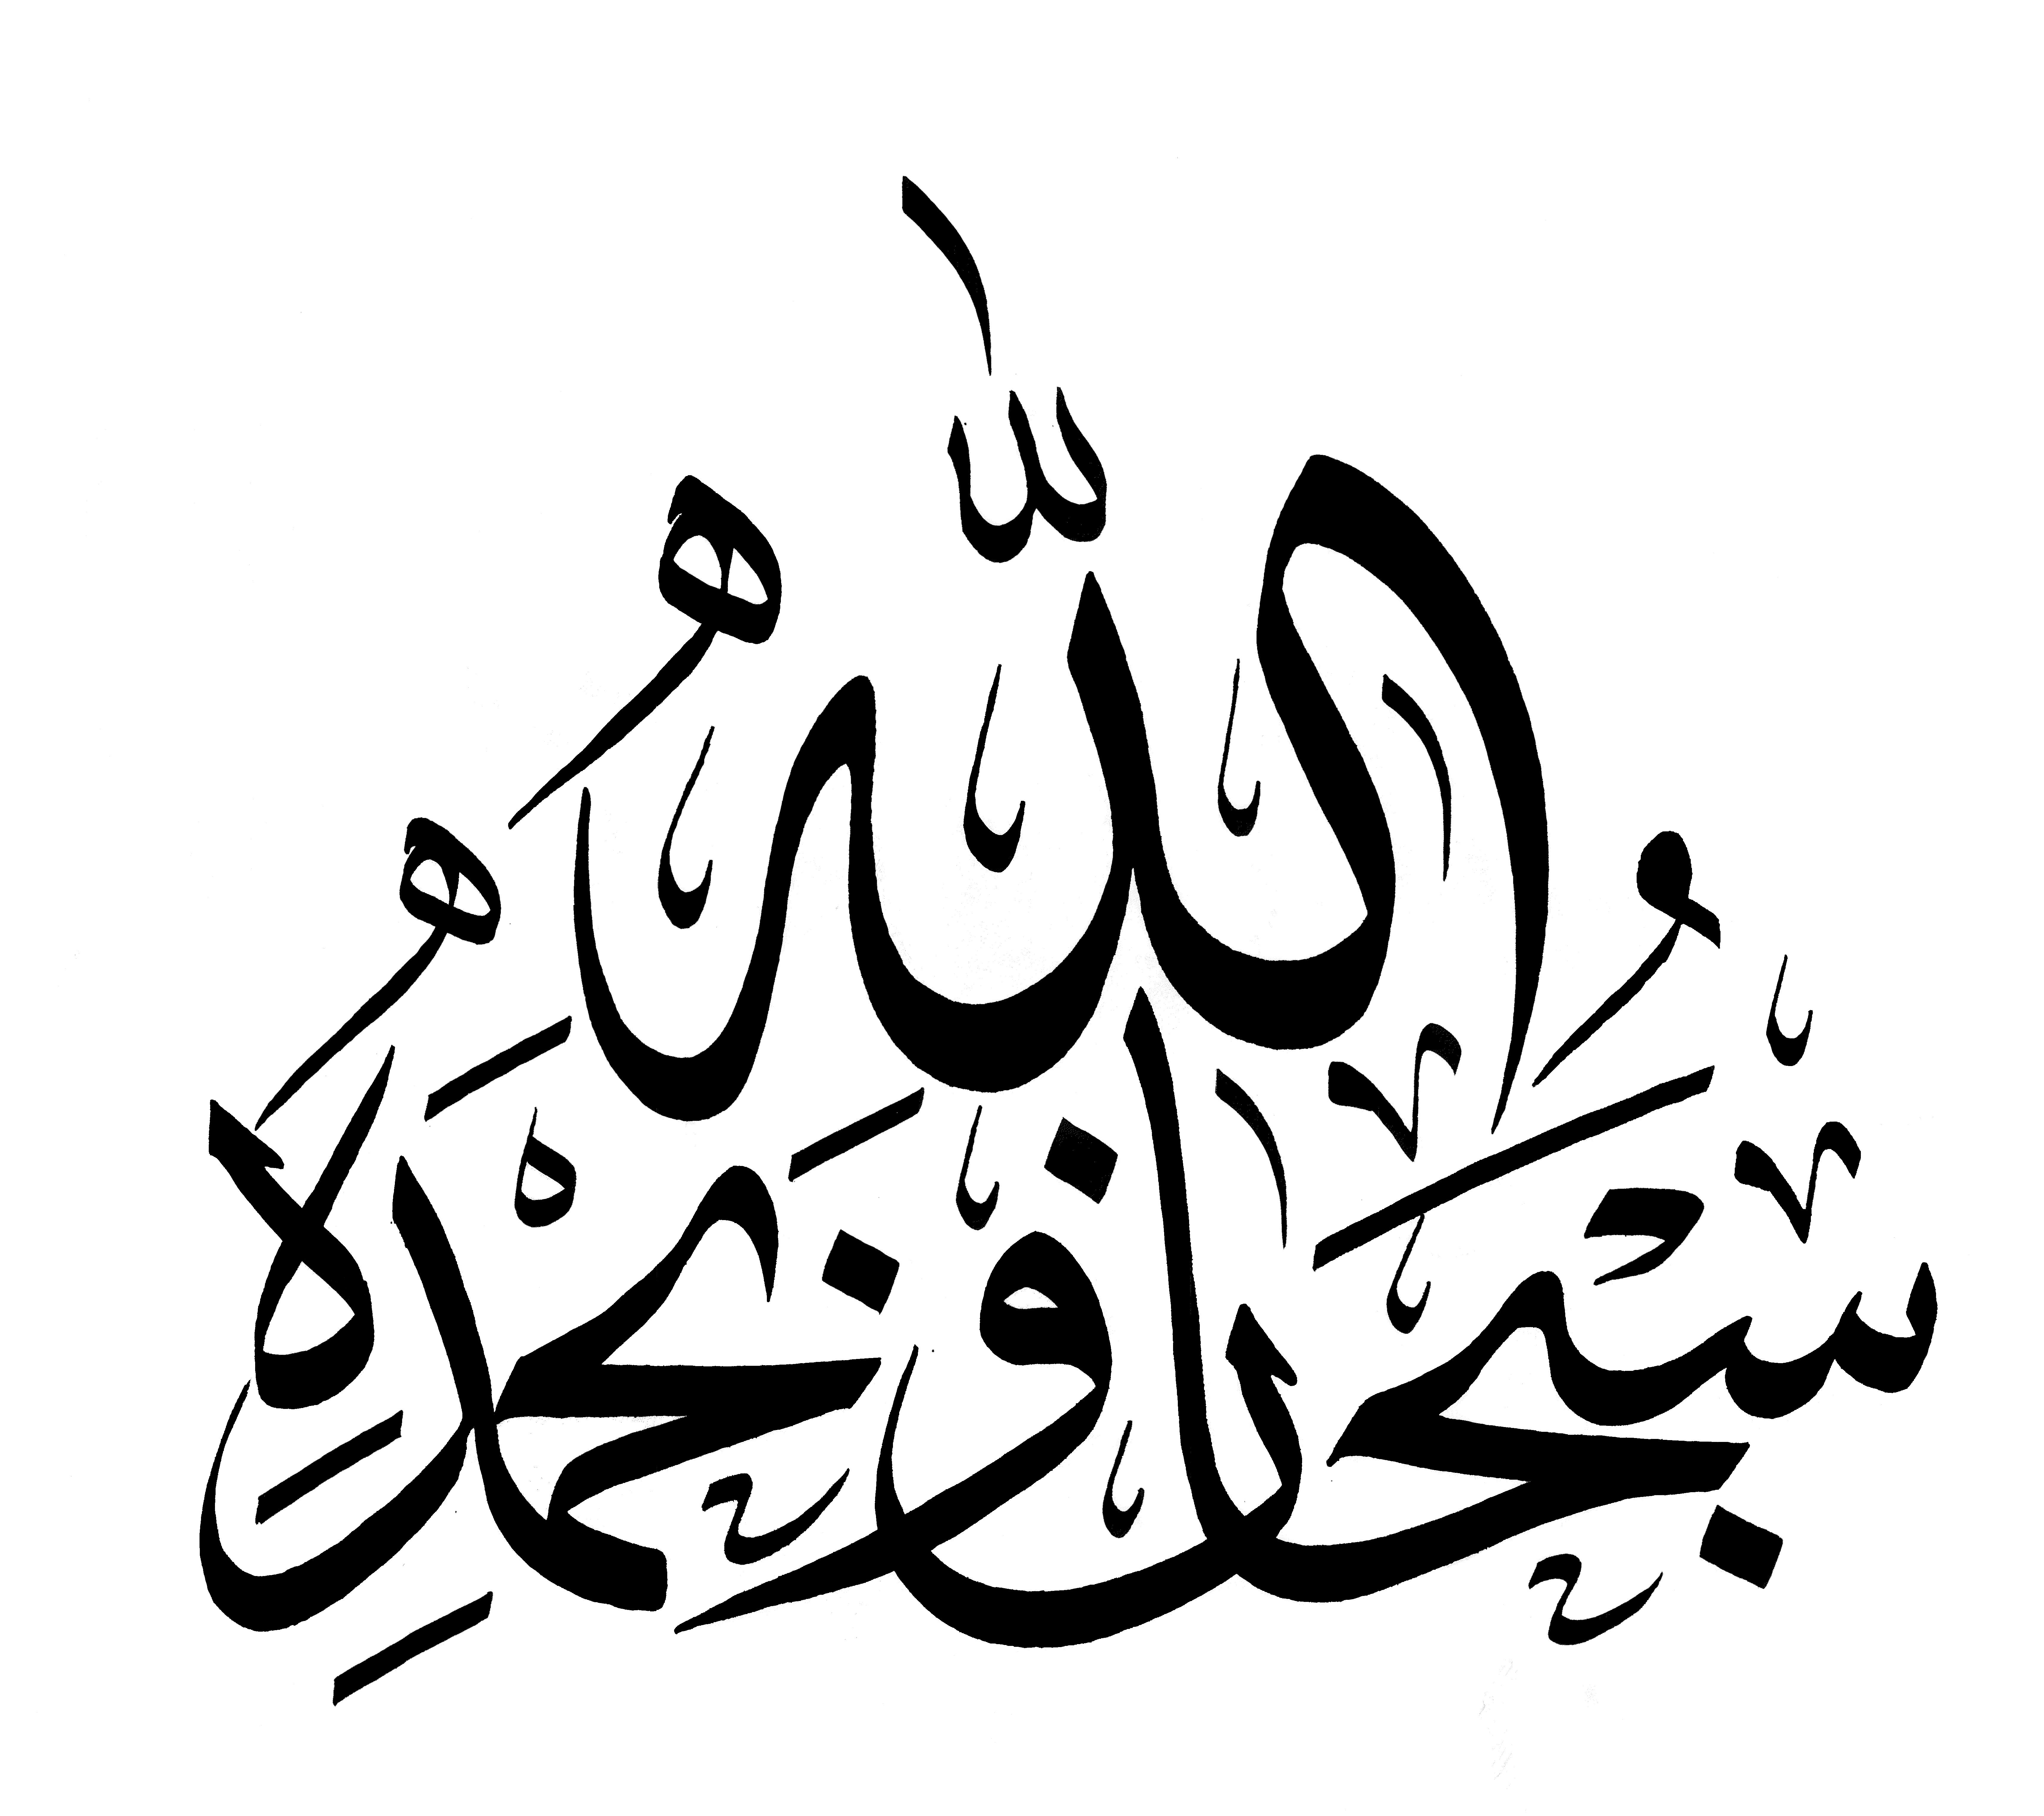 الخطوط الإسلامية مجانا سبحان الله وبحمده